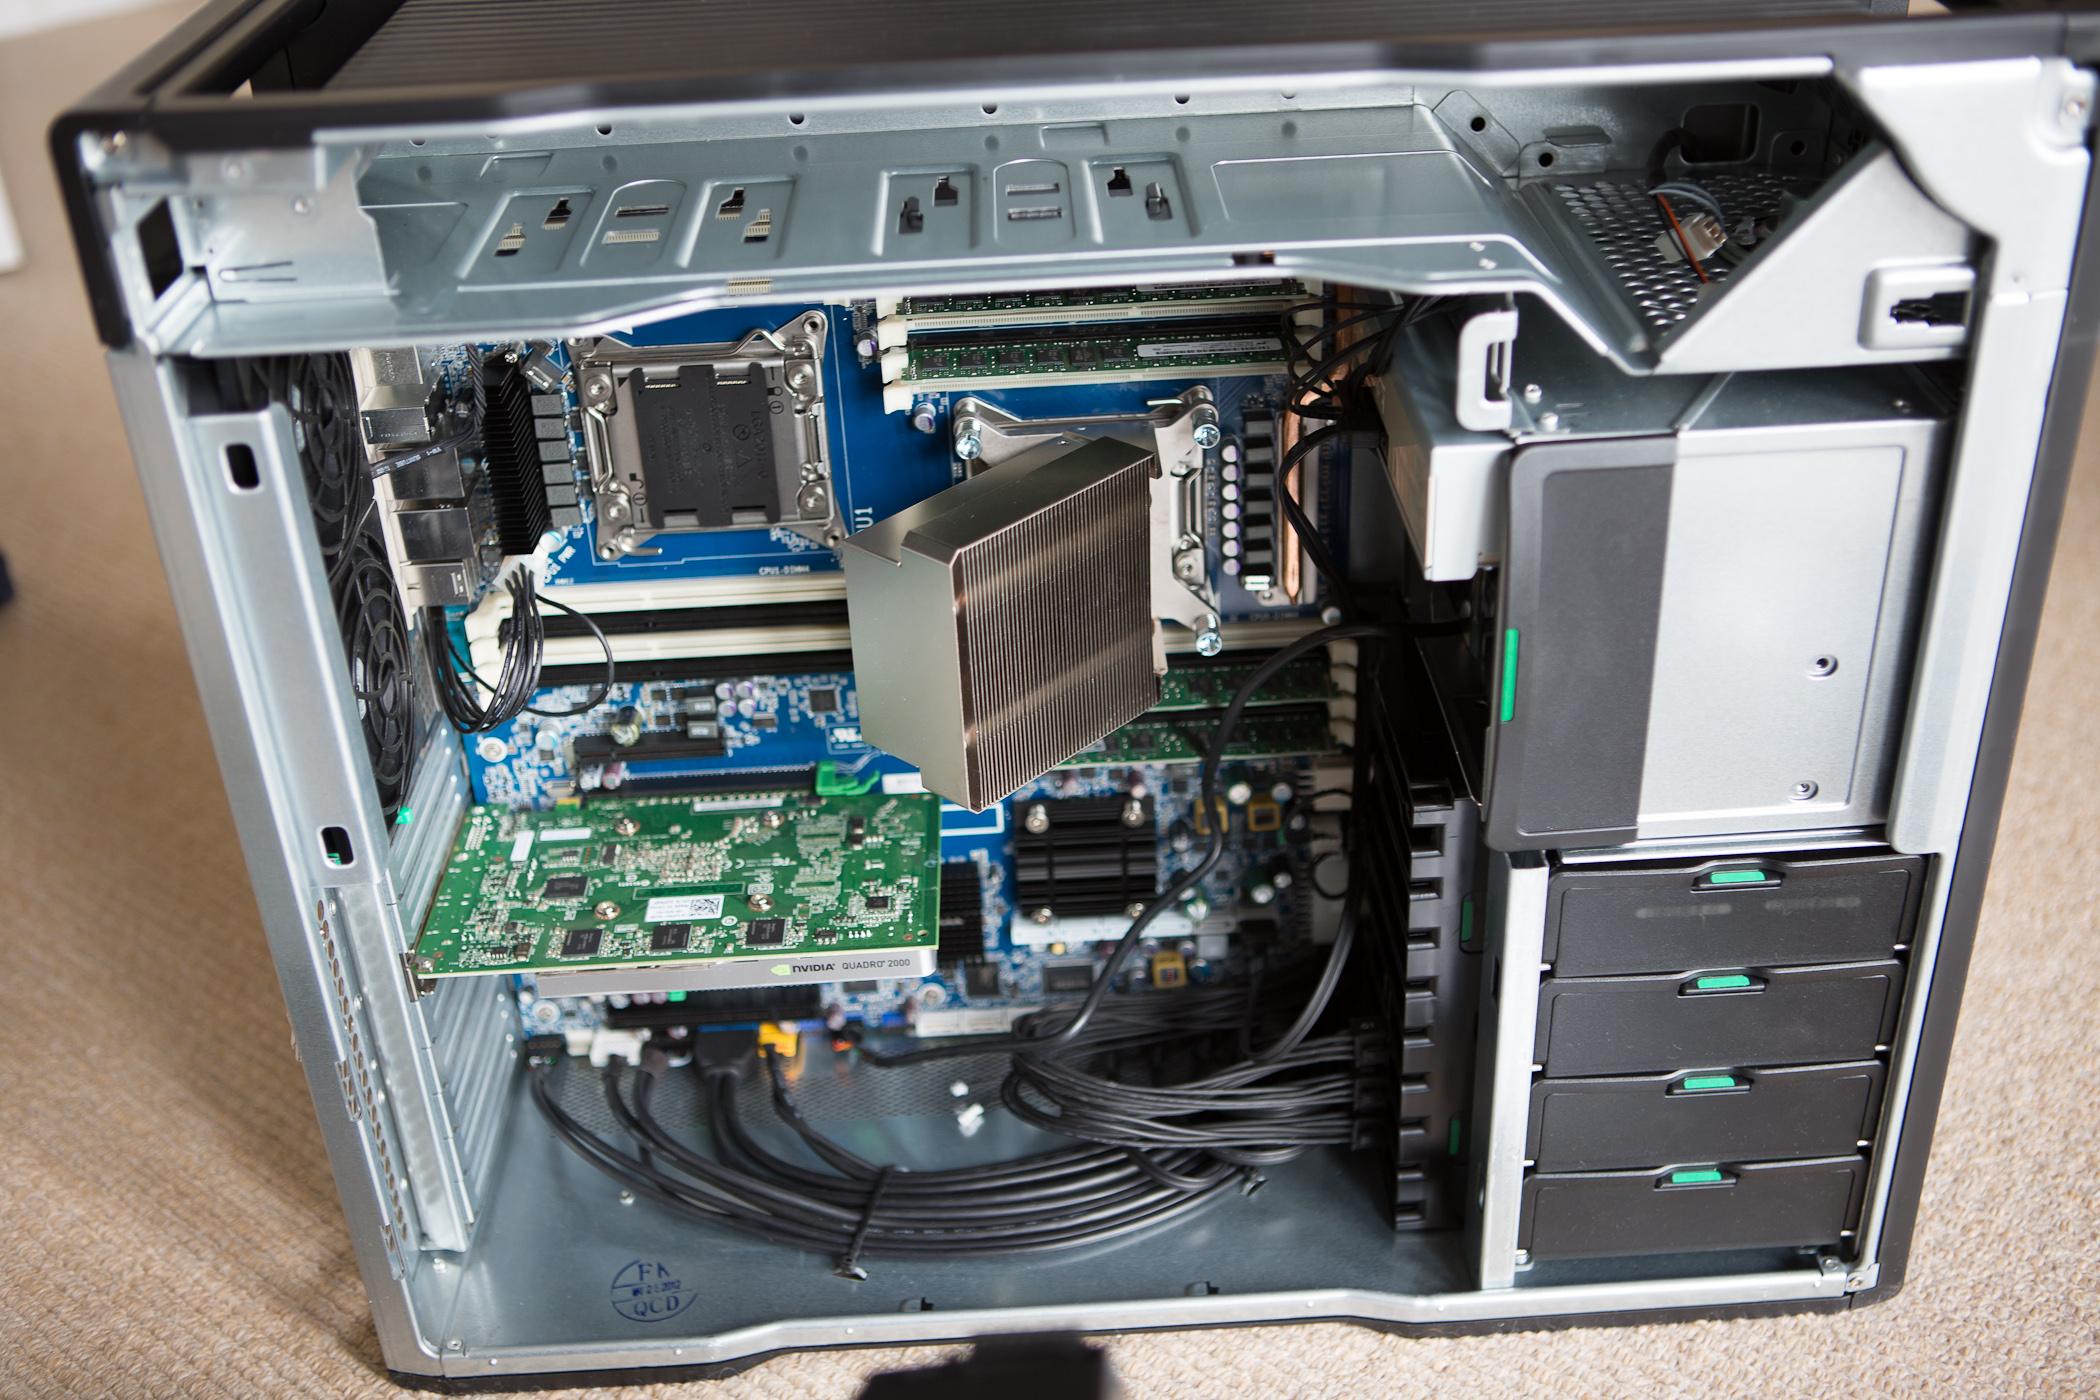 Z Motherboard File:HP Z820 Workstati...